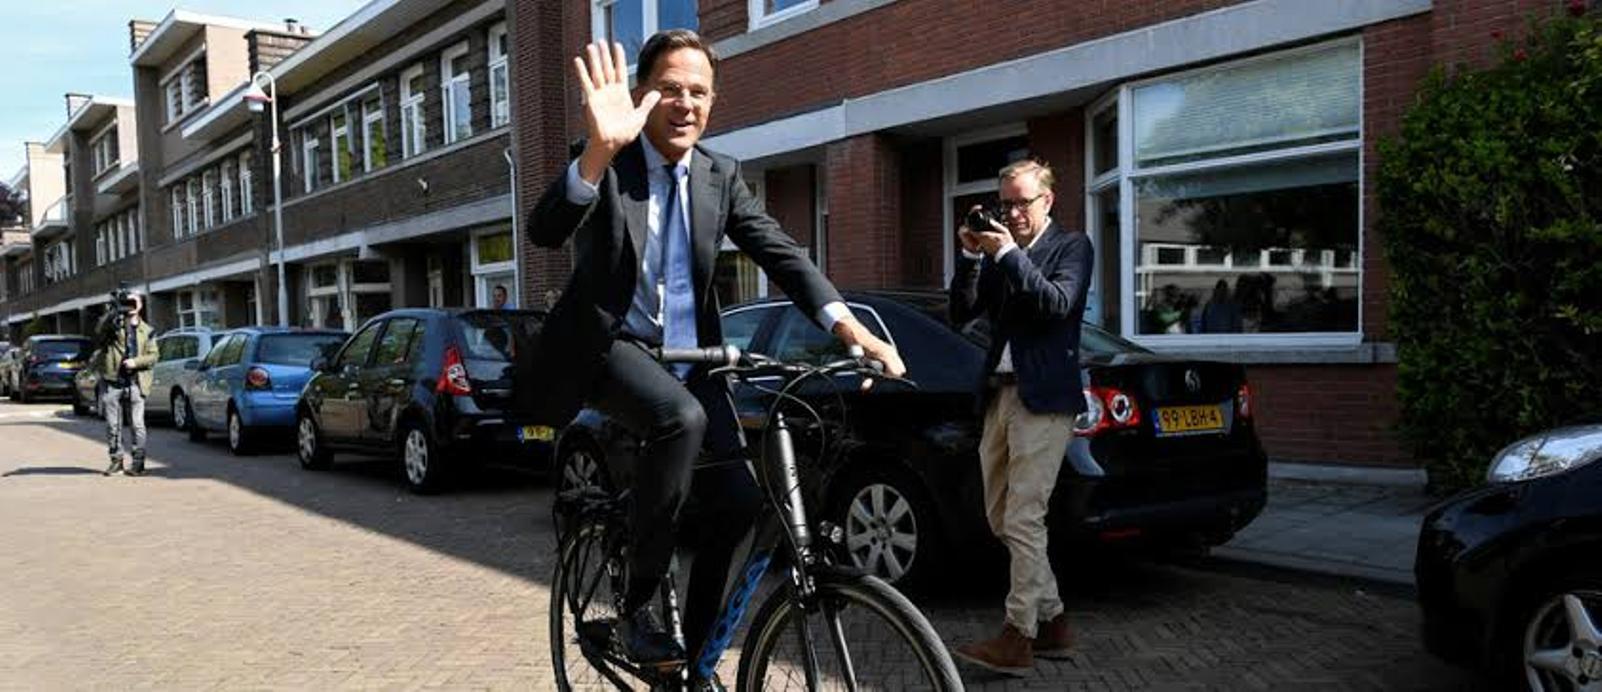 मिलिए साइकिल से दफ्तर जाने वाले डच प्रधानमंत्री से।